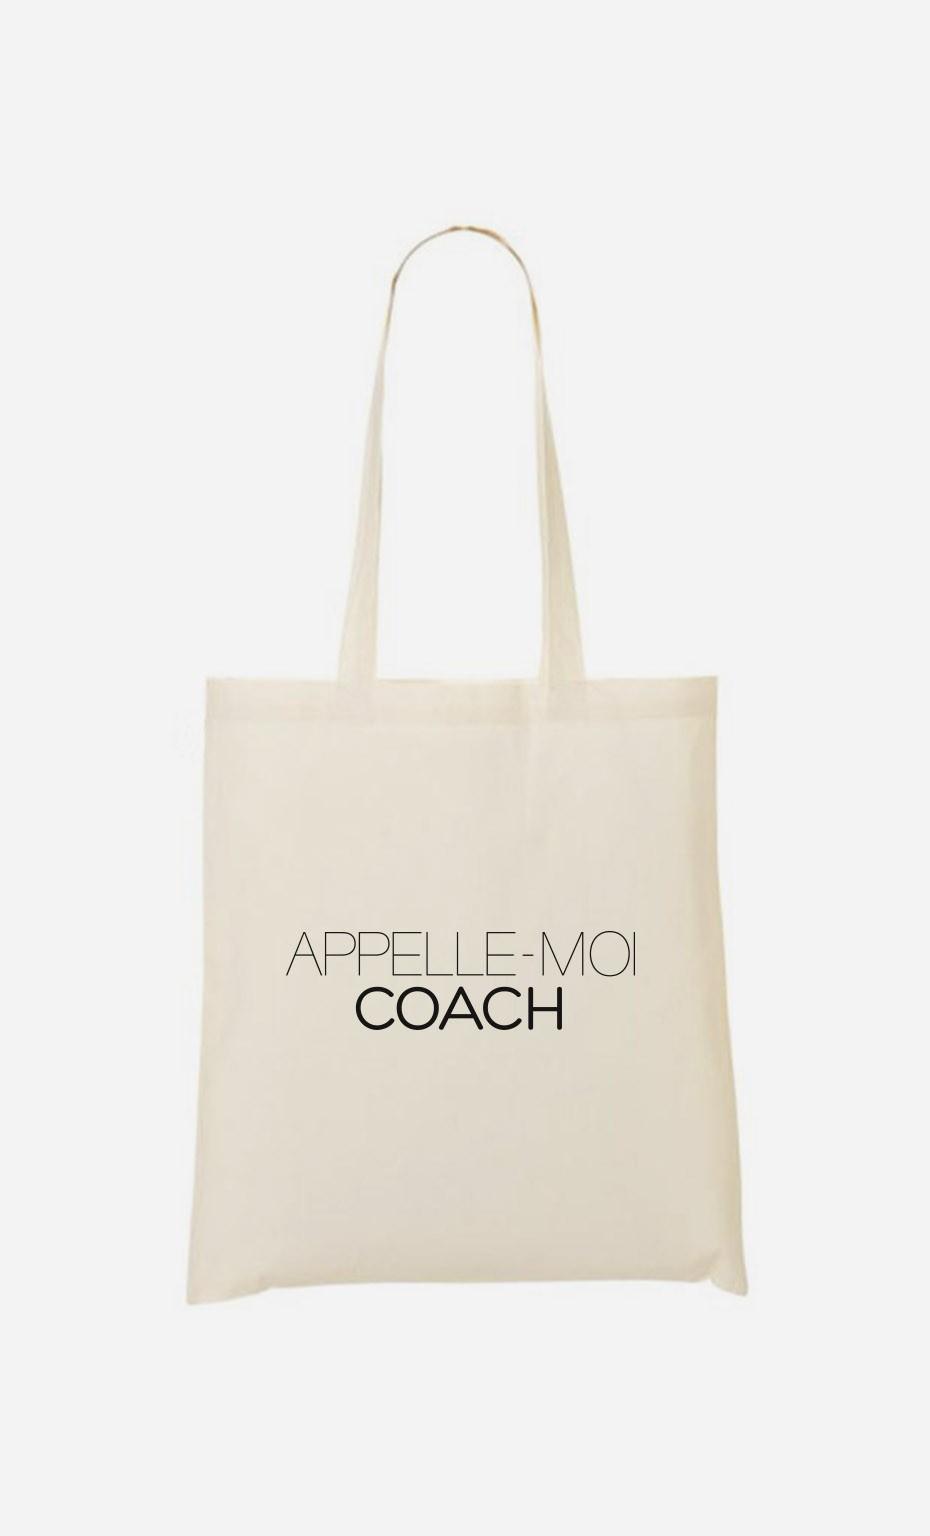 Tote Bag Appelle-Moi Coach